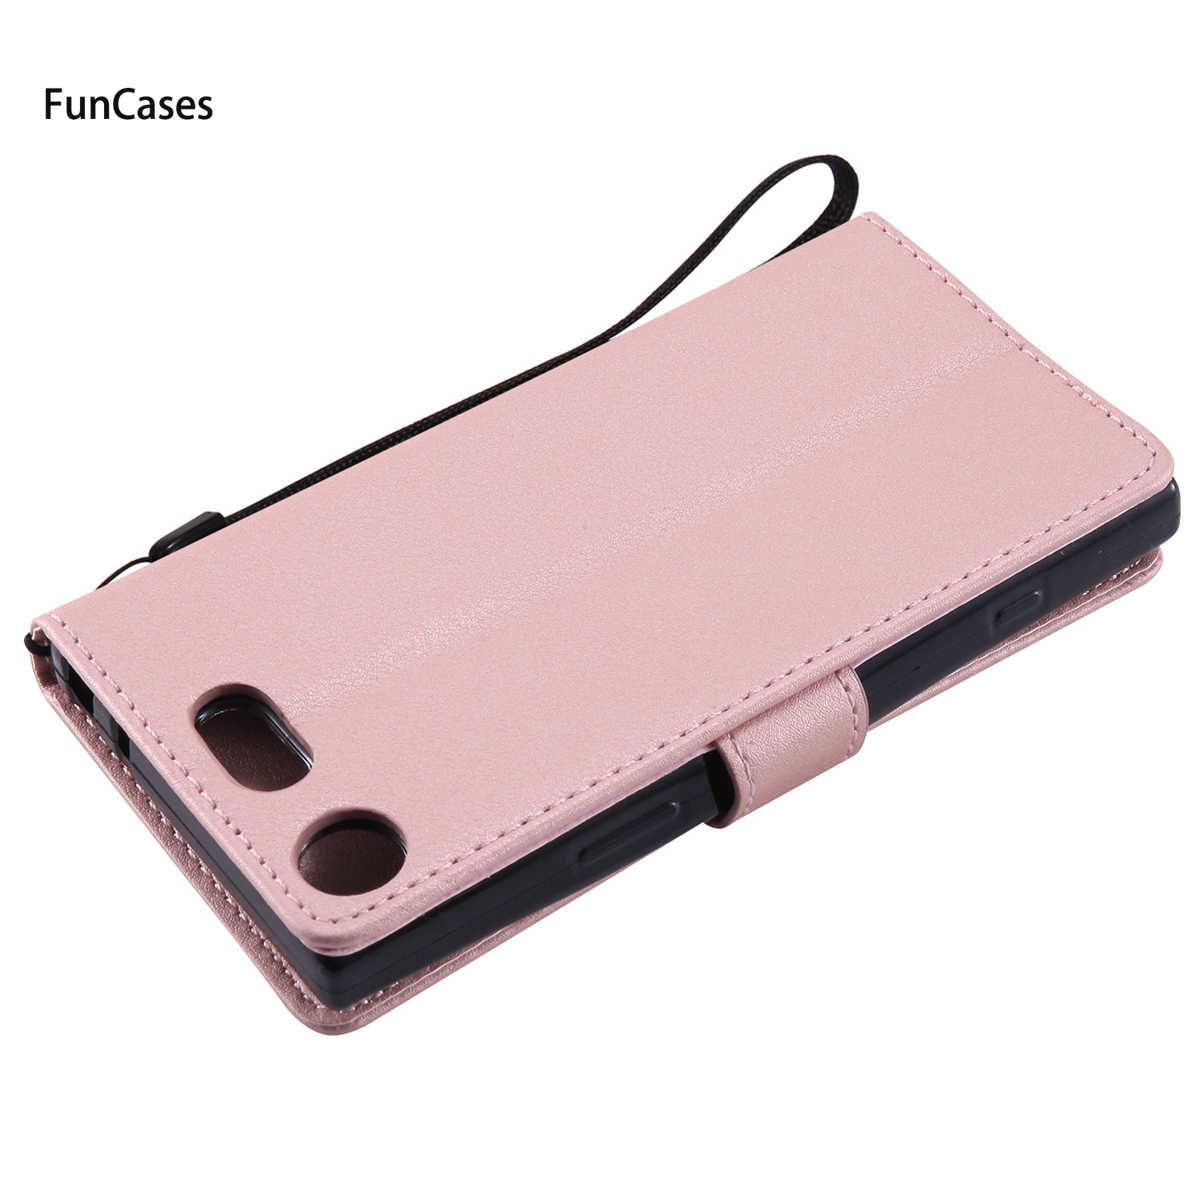 נרתיק עור PU הכי חדש sFor Hoesjes Sony XZ1 רך סיליקון חזור מקרה עבור Sony Xperia XZ1 קליפים נרתיקי כיסוי חמוד Telefon Coque